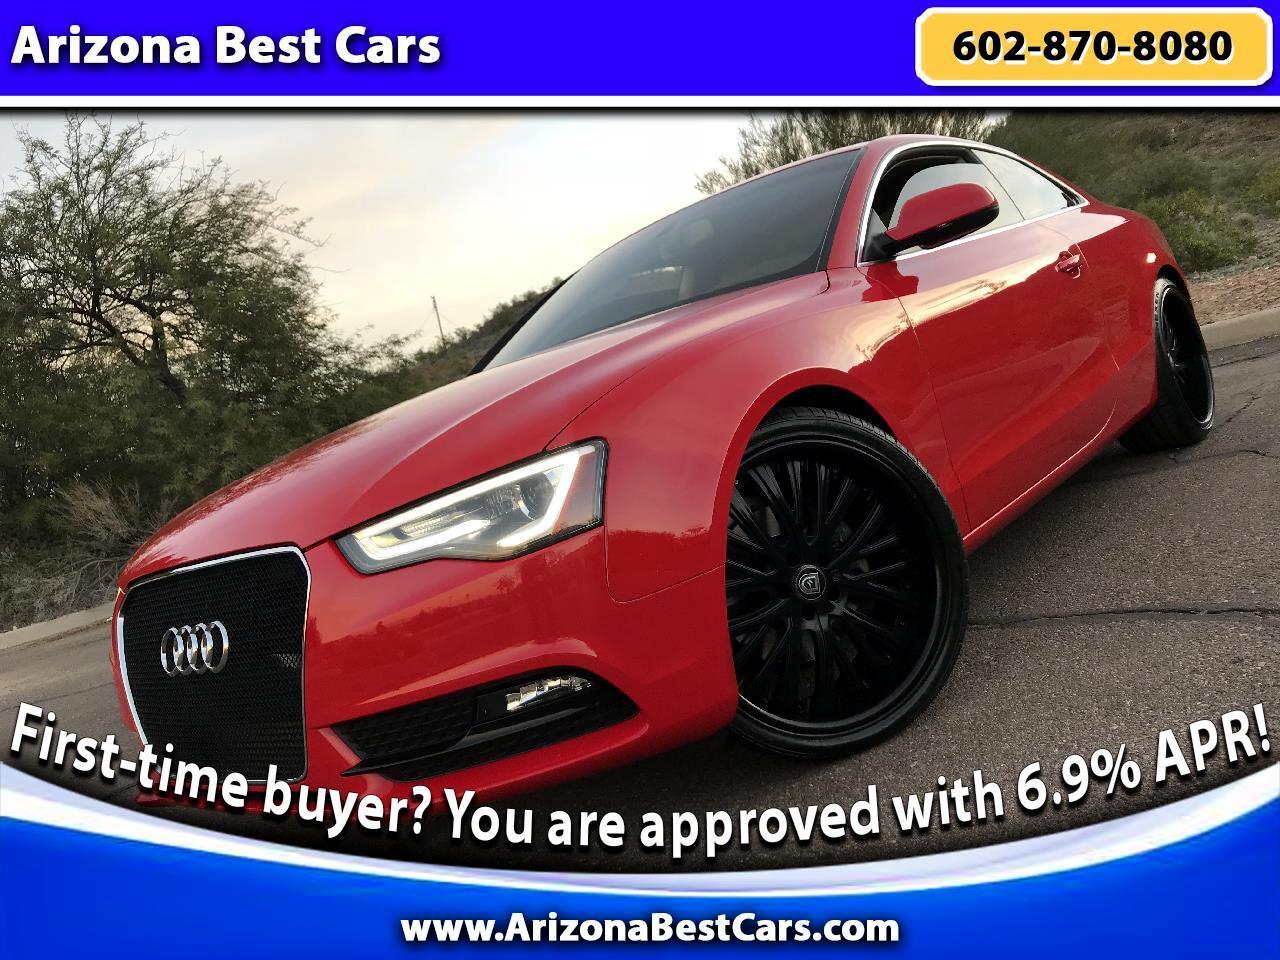 2013 Audi A5 2dr Cpe Auto quattro 2.0L Prestige